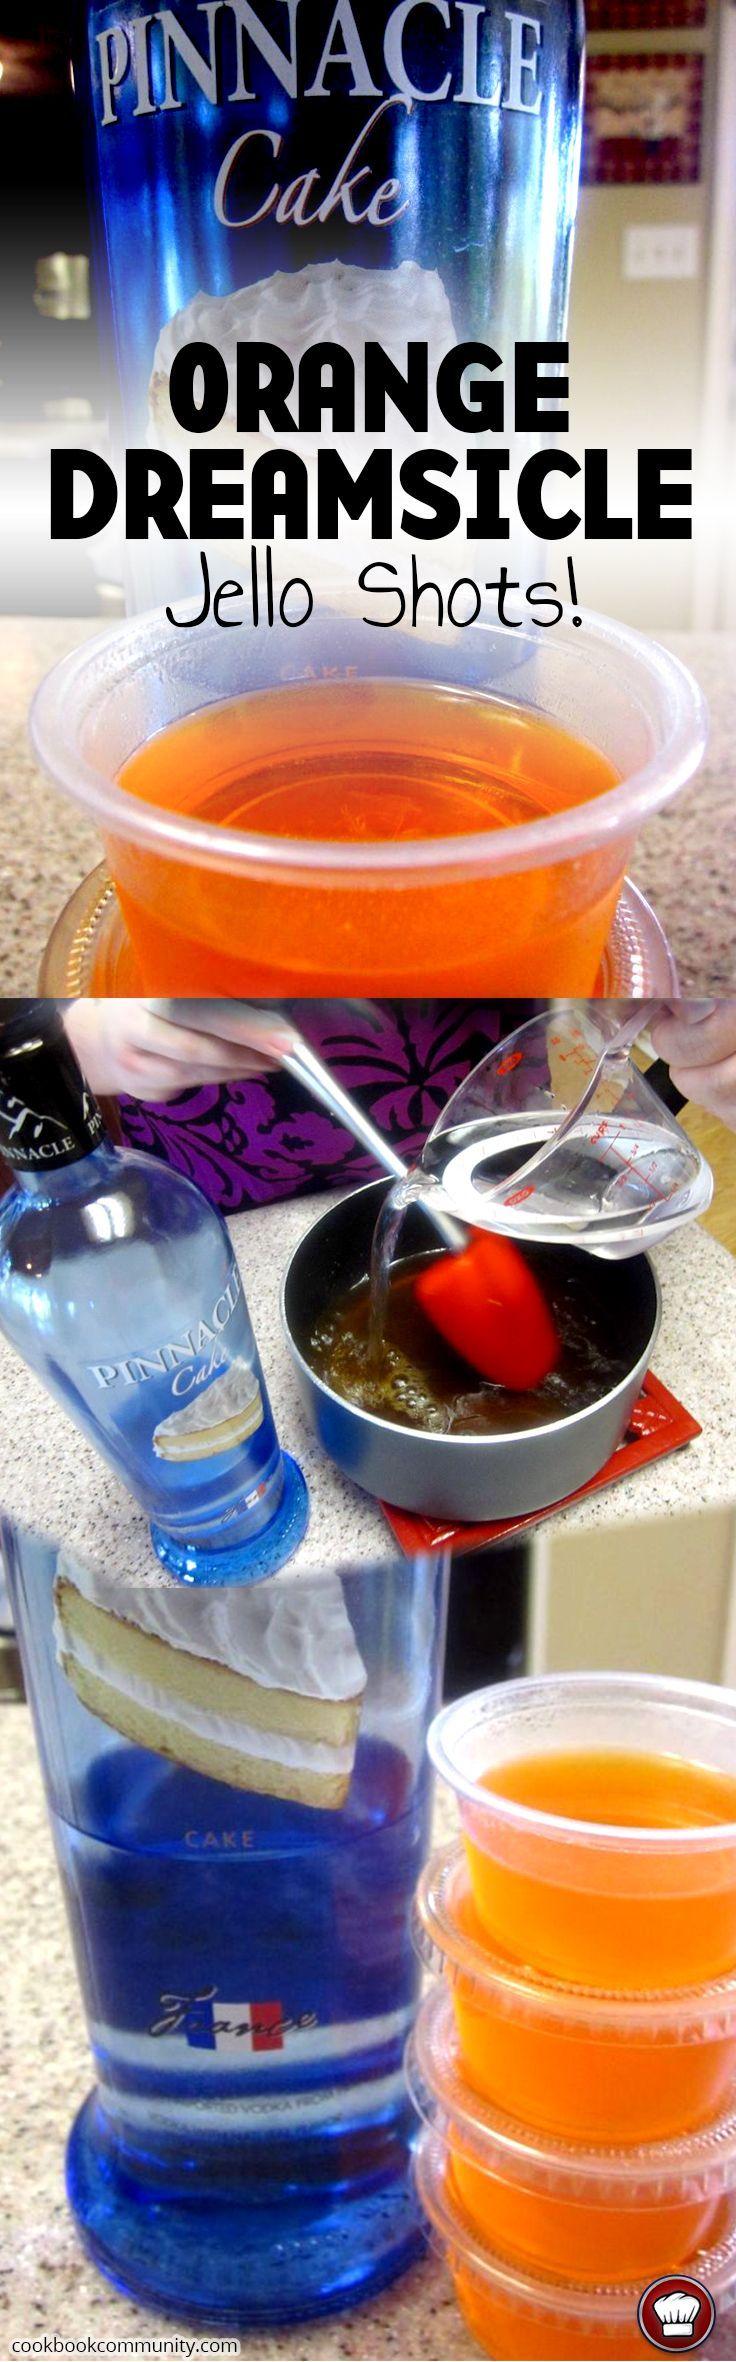 Orange dreamsicle jello shots recipe vodka jello shots for Easy shot recipes with vodka